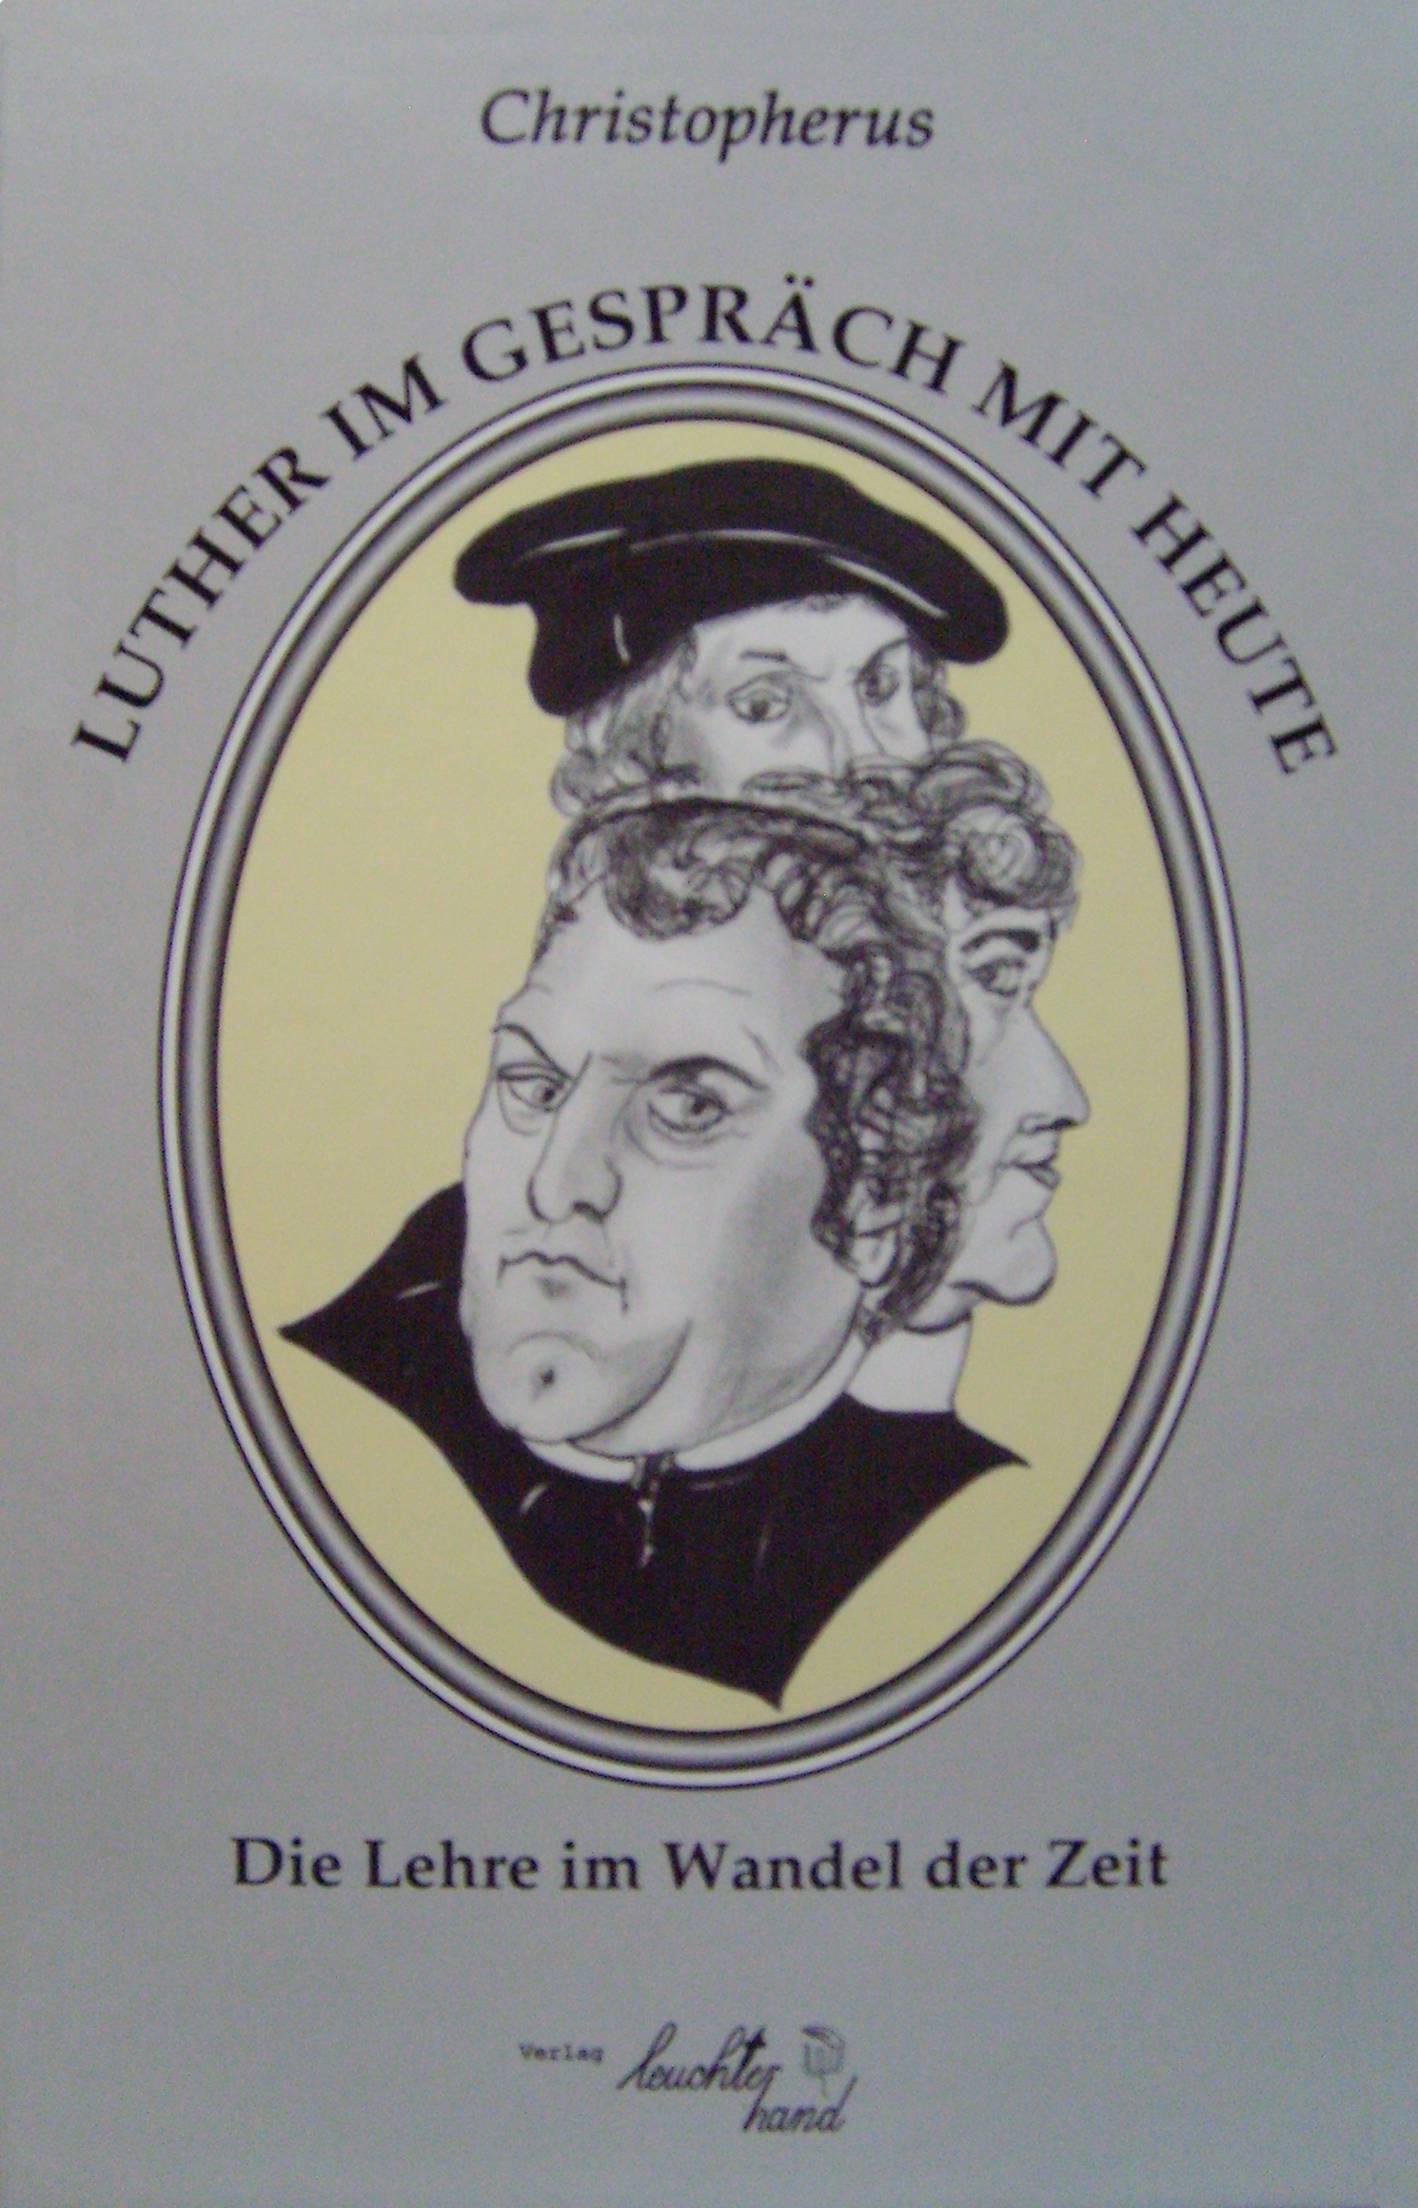 LUTHER-IM-GESPRACH-MIT-HEUTE-Gerhard-Krause-9783980925761